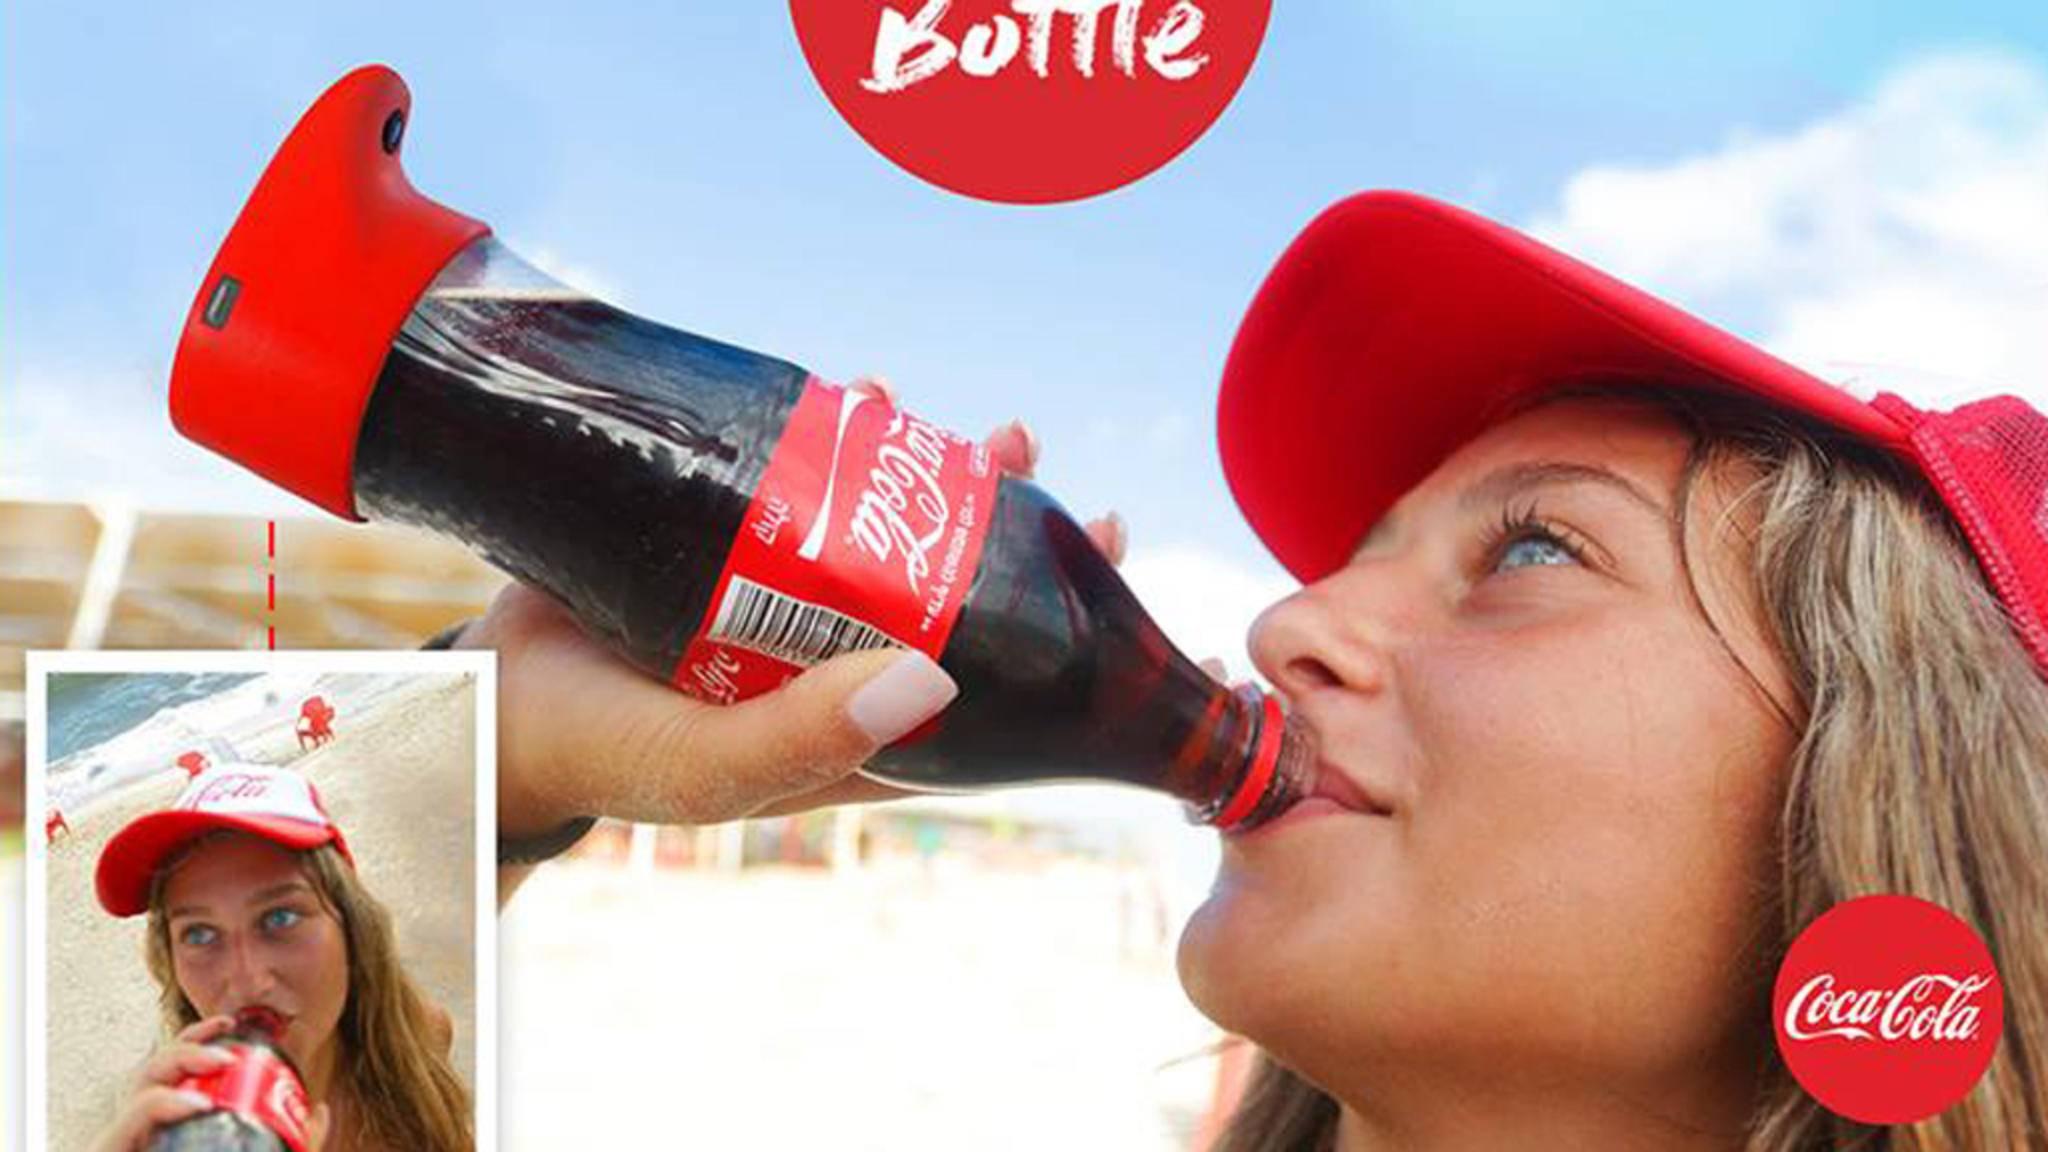 Coca-Cola schließt eine klaffende Lücke im Selfie-Markt: Selbstporträts beim Trinken!